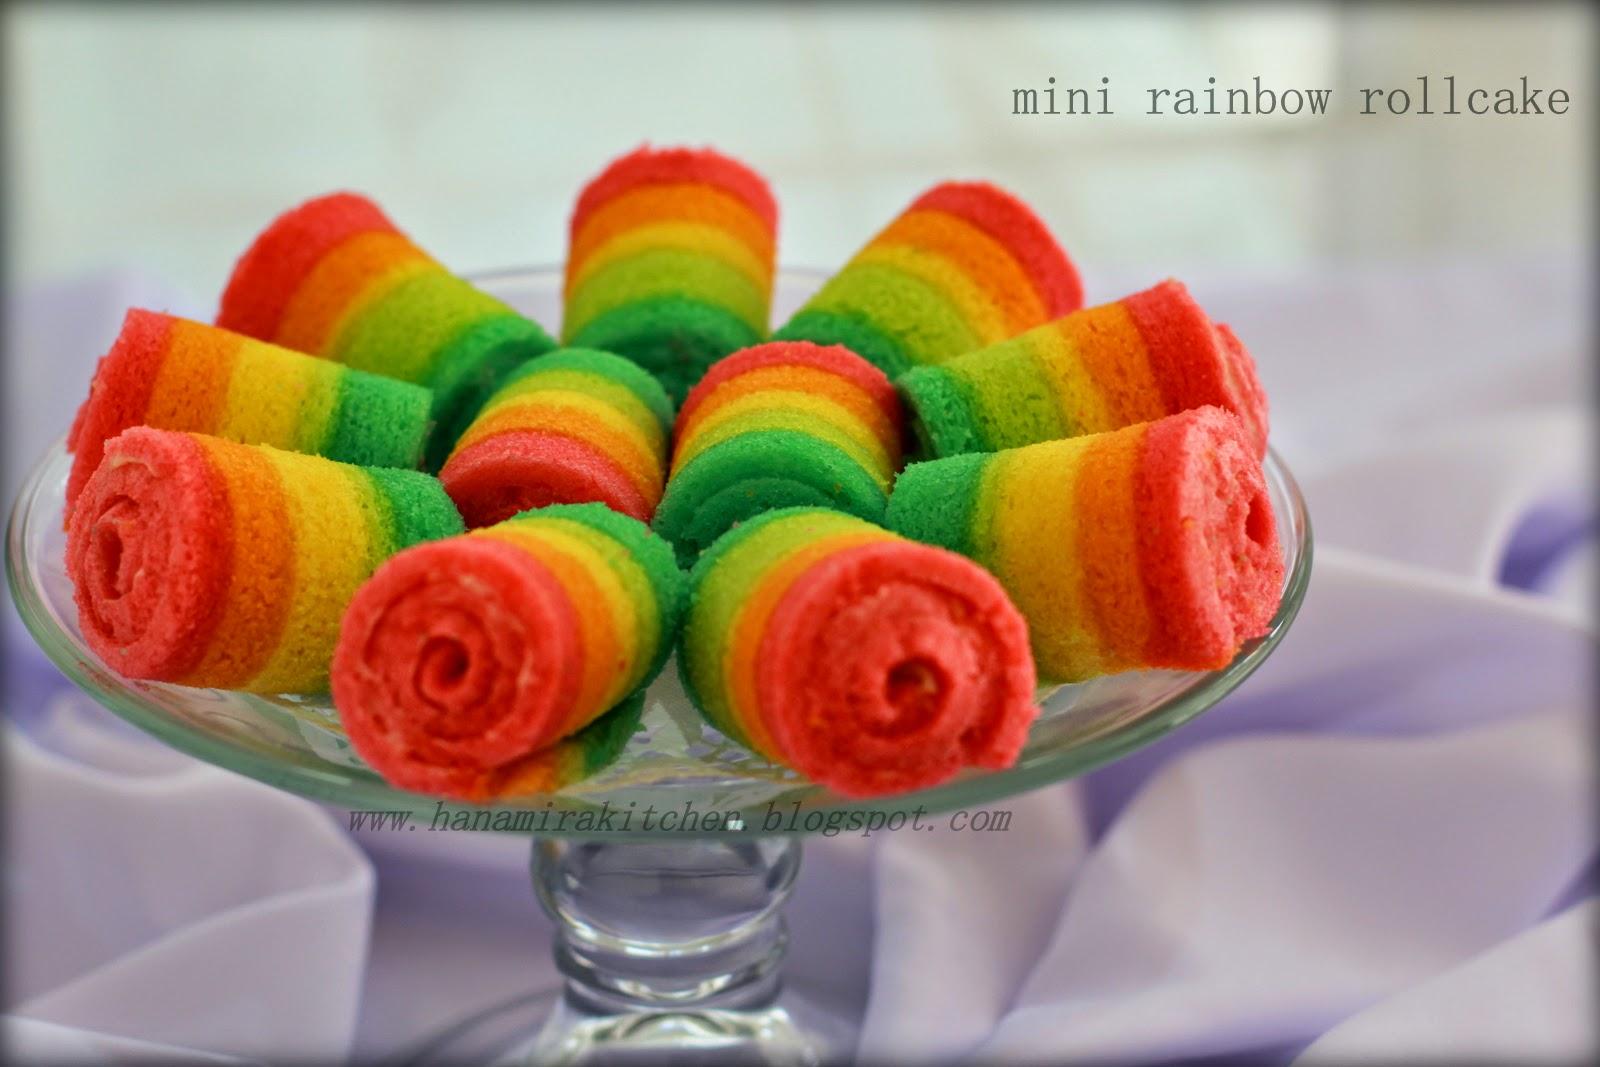 Mini Rainbow Rollcake Hanamira Kitchen